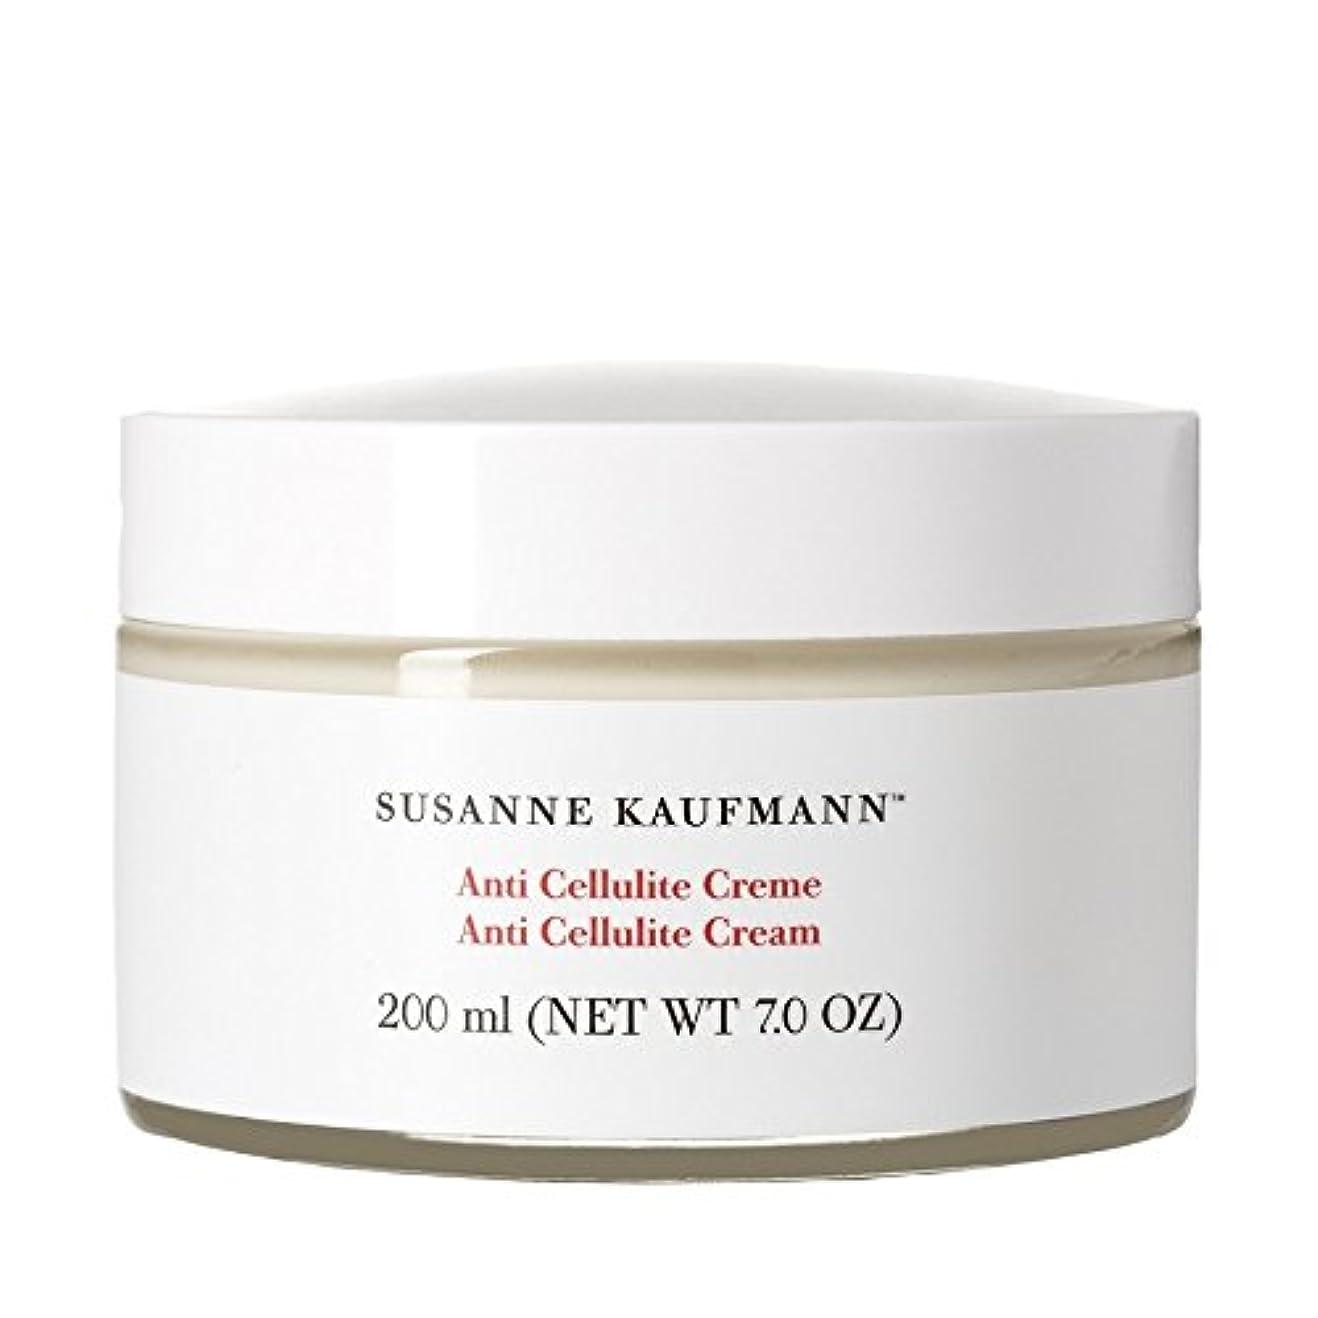 昆虫ジェーンオースティン花火Susanne Kaufmann Anti Cellulite Cream 200ml - スザンヌカウフマン抗セルライトクリーム200ミリリットル [並行輸入品]